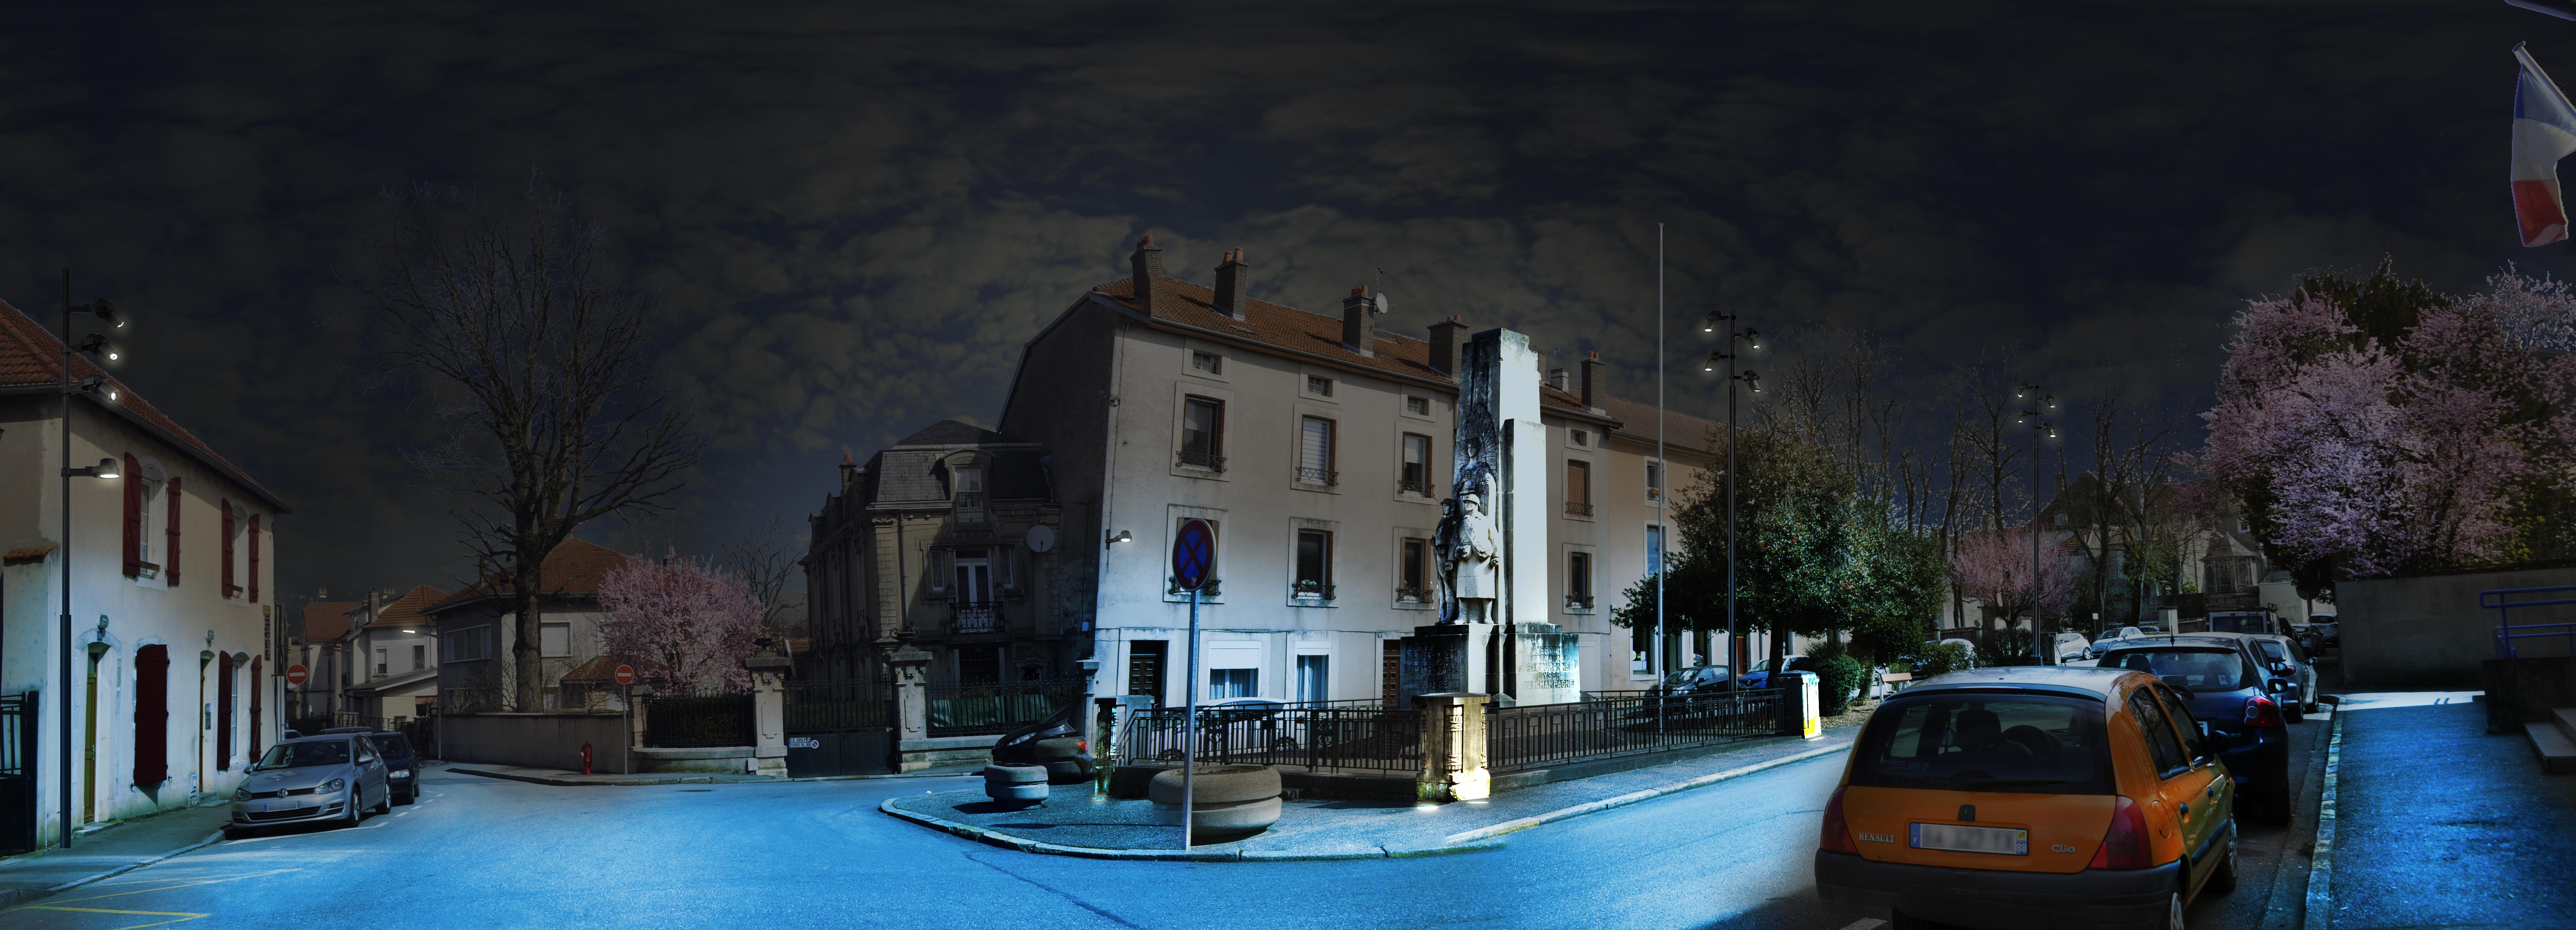 MEV_Place des Cordelliers